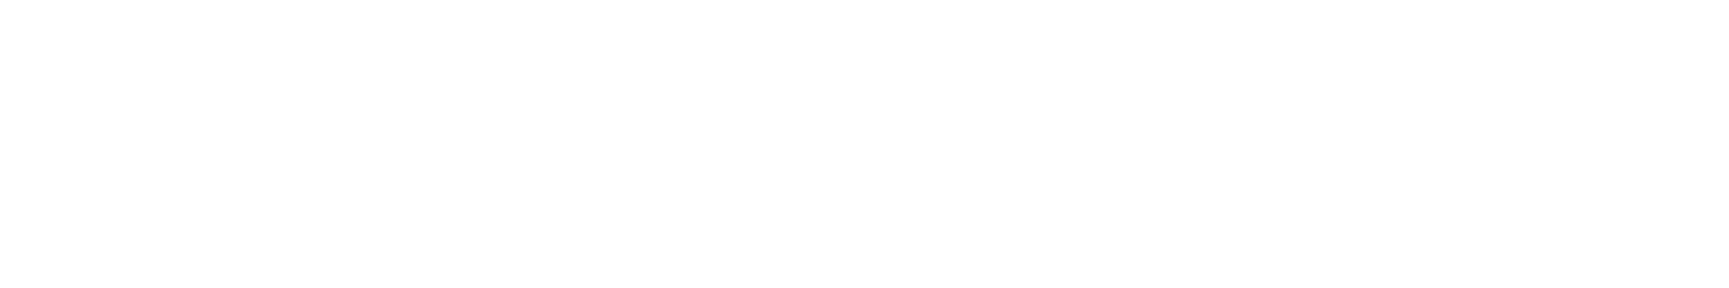 FromUS2EU